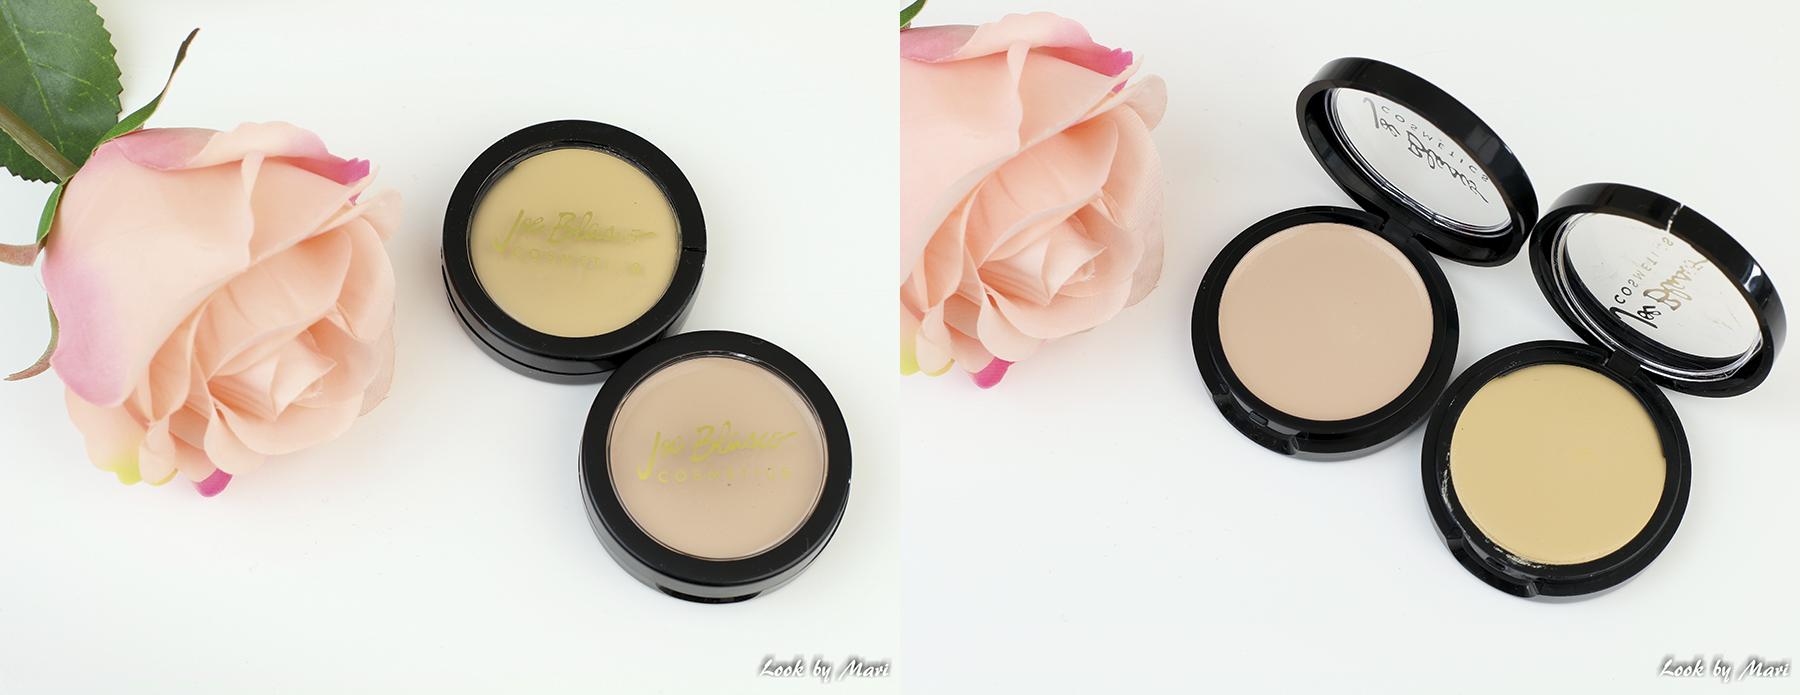 4 joe blasco ultrabase meikkivoide värit sävyt lite olive 1 golden olive 1 kokemuksia